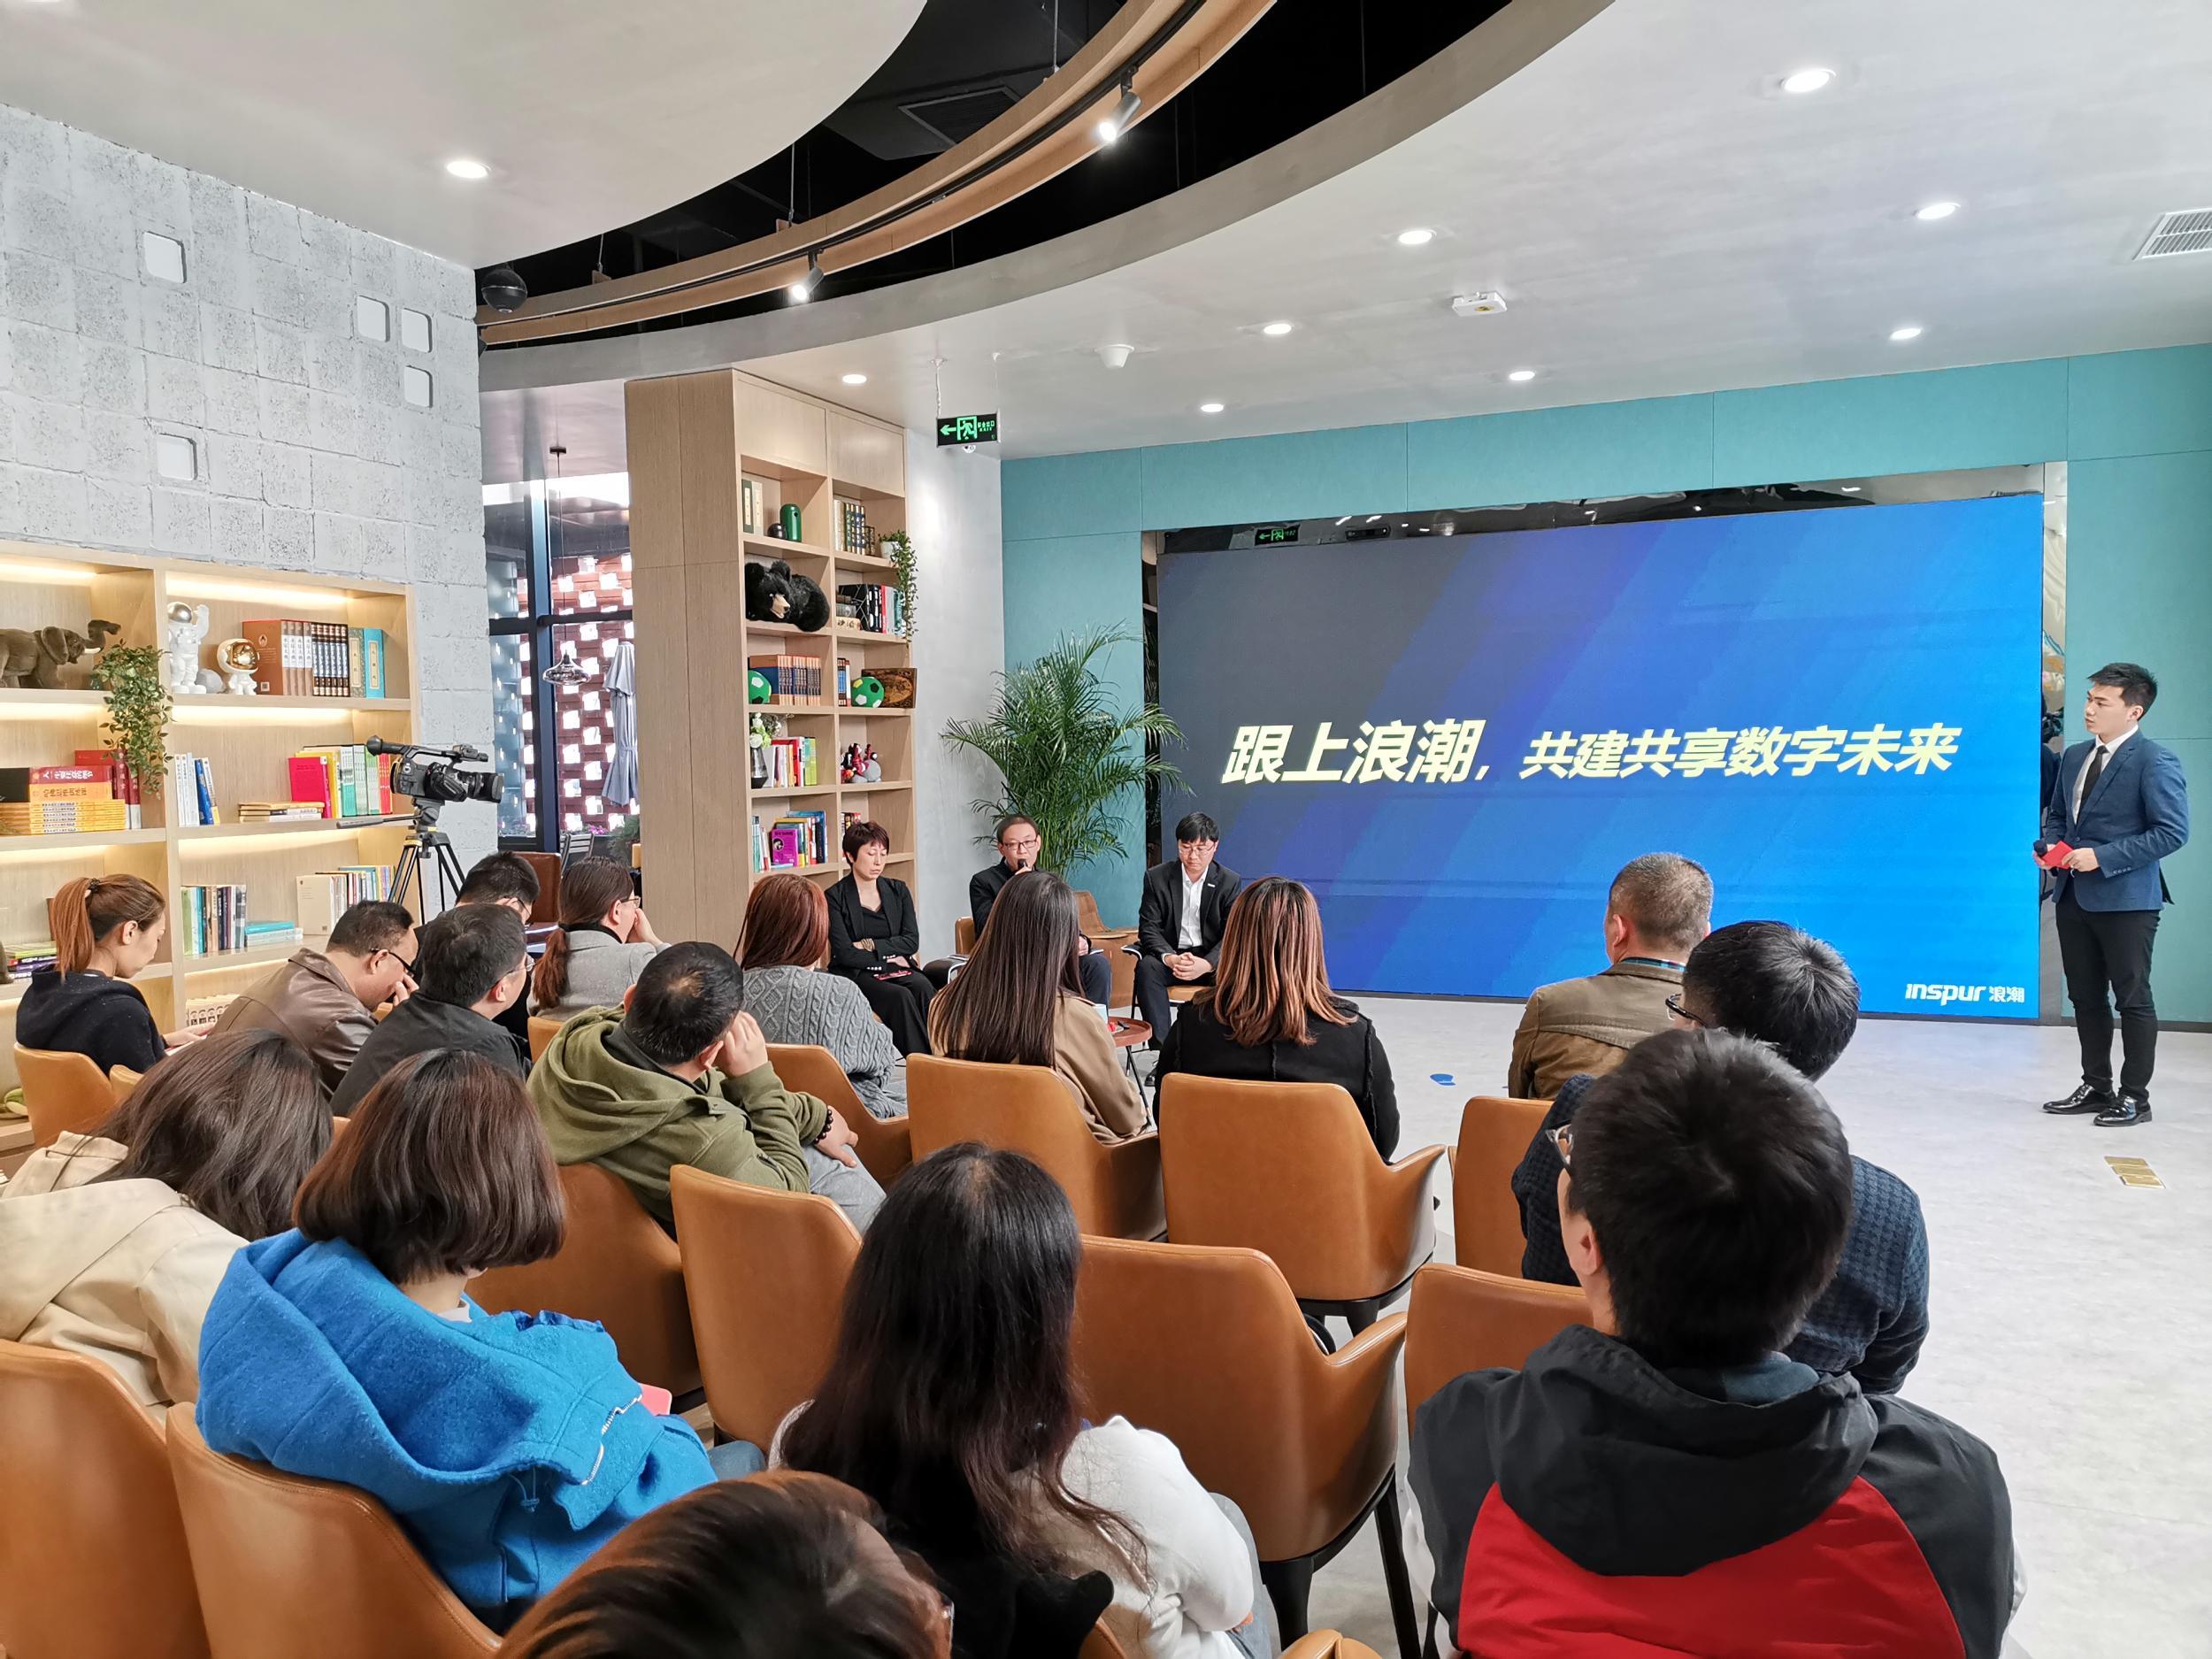 催生新型智慧城 浪潮一览云山科技馆在涿州开馆